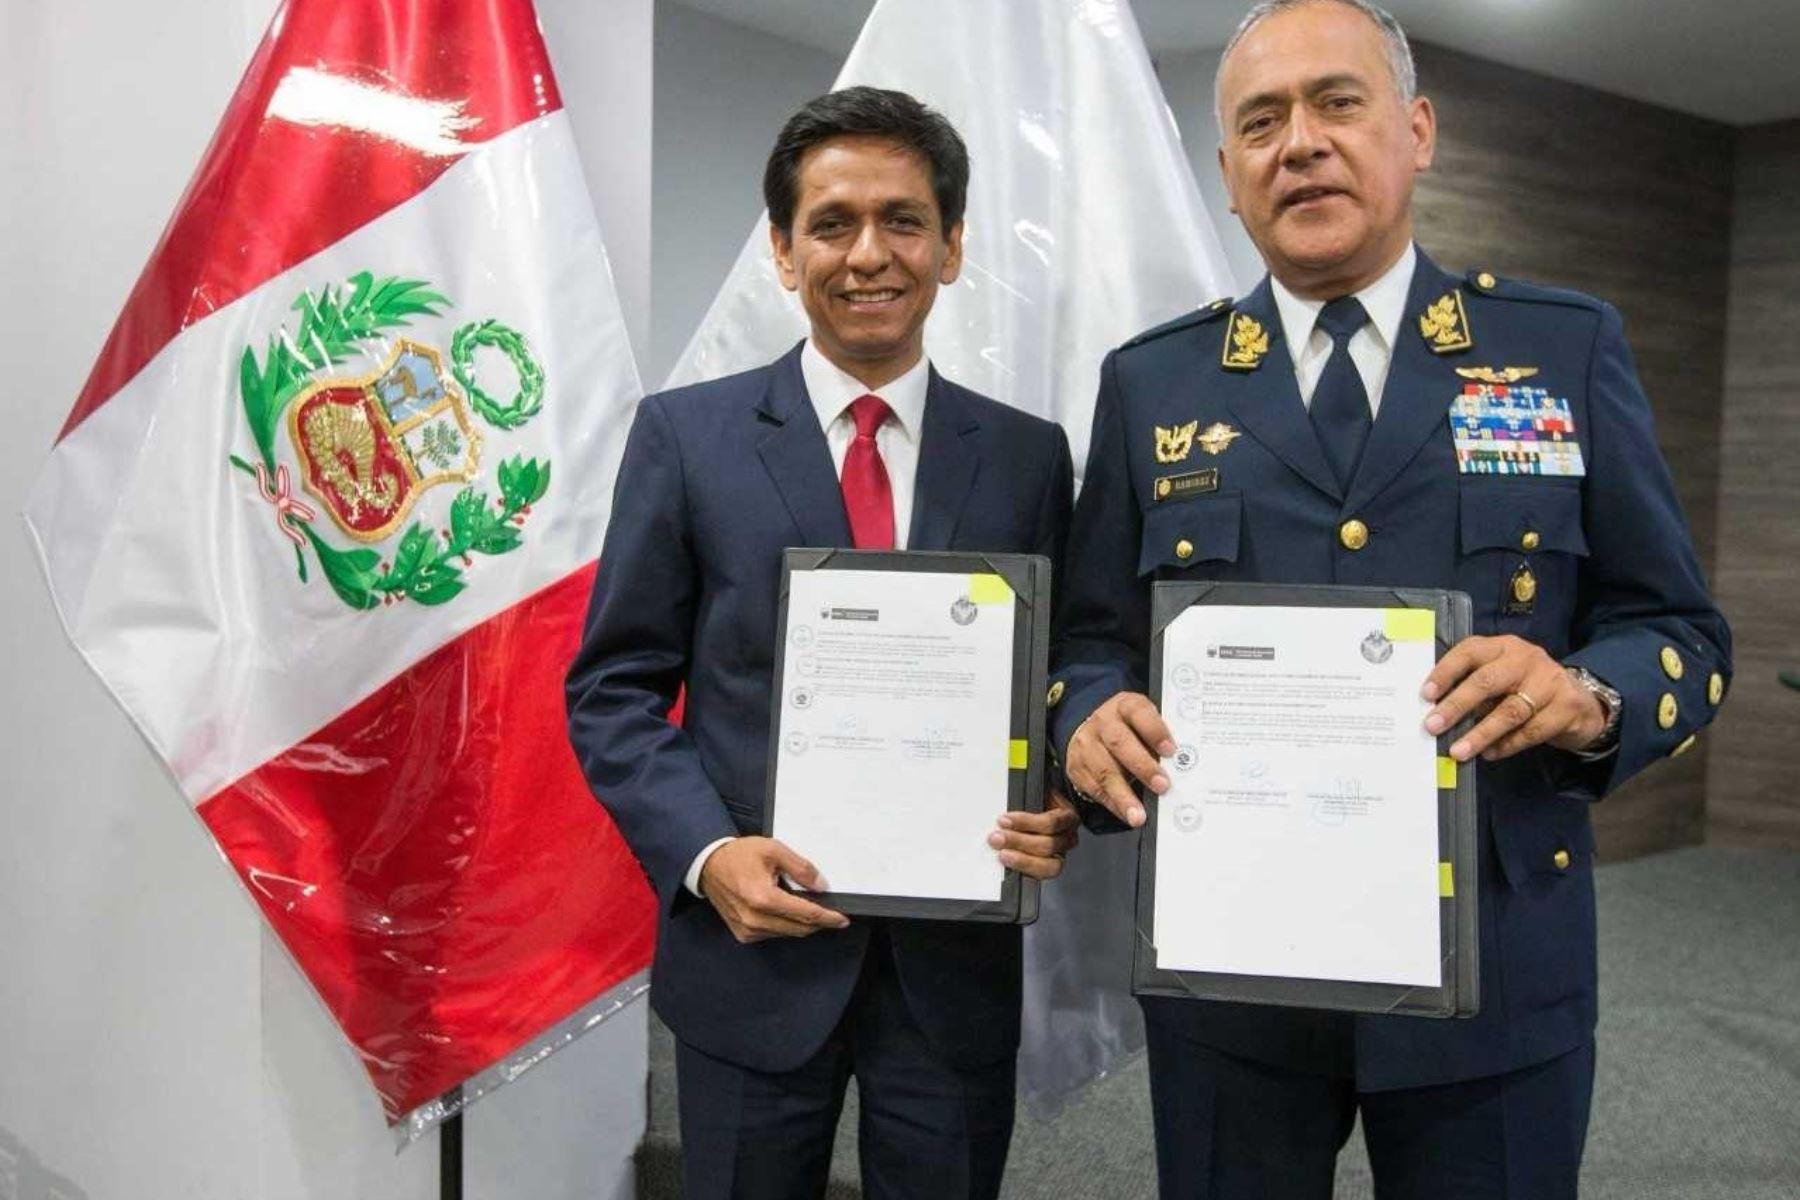 El Ministerio de Desarrollo e Inclusión Social (Midis) y la Fuerza Aérea del Perú (FAP) implementarán estrategias conjuntas para mejorar la calidad de vida de la población más vulnerable de todo el territorio nacional, gracias a la firma de un Convenio Marco de Cooperación Interinstitucional.